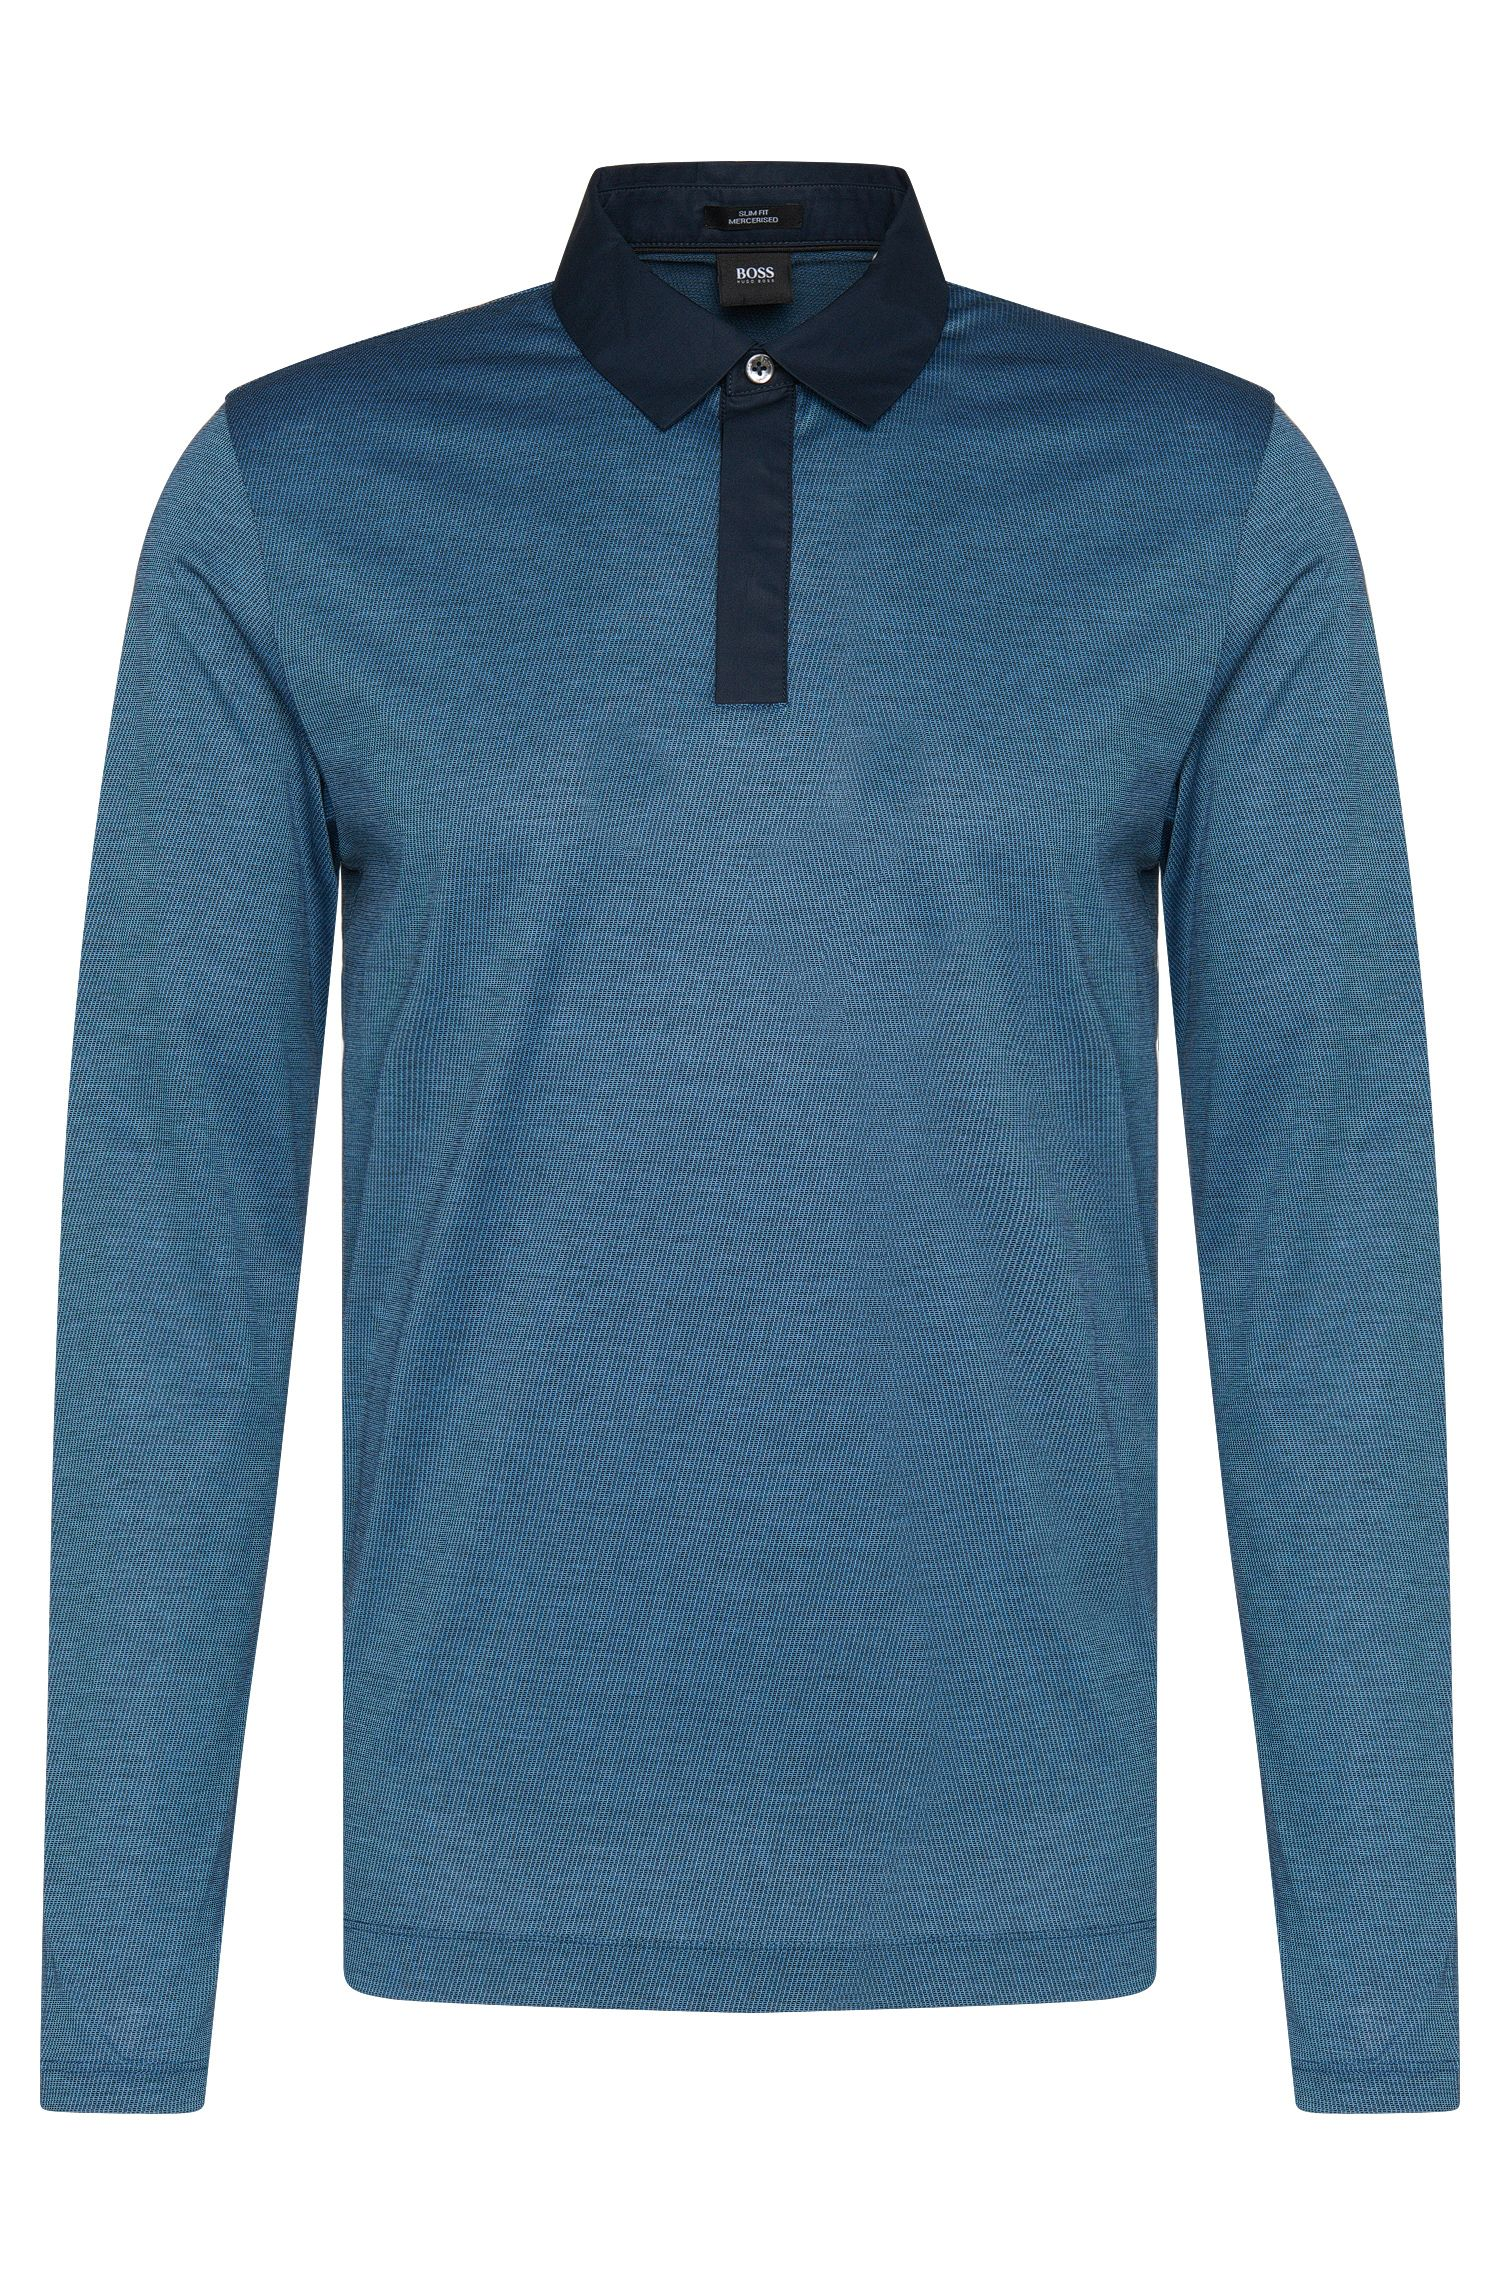 Gemustertes Slim-Fit Longsleeve-Poloshirt aus Baumwolle: 'Putney 01'